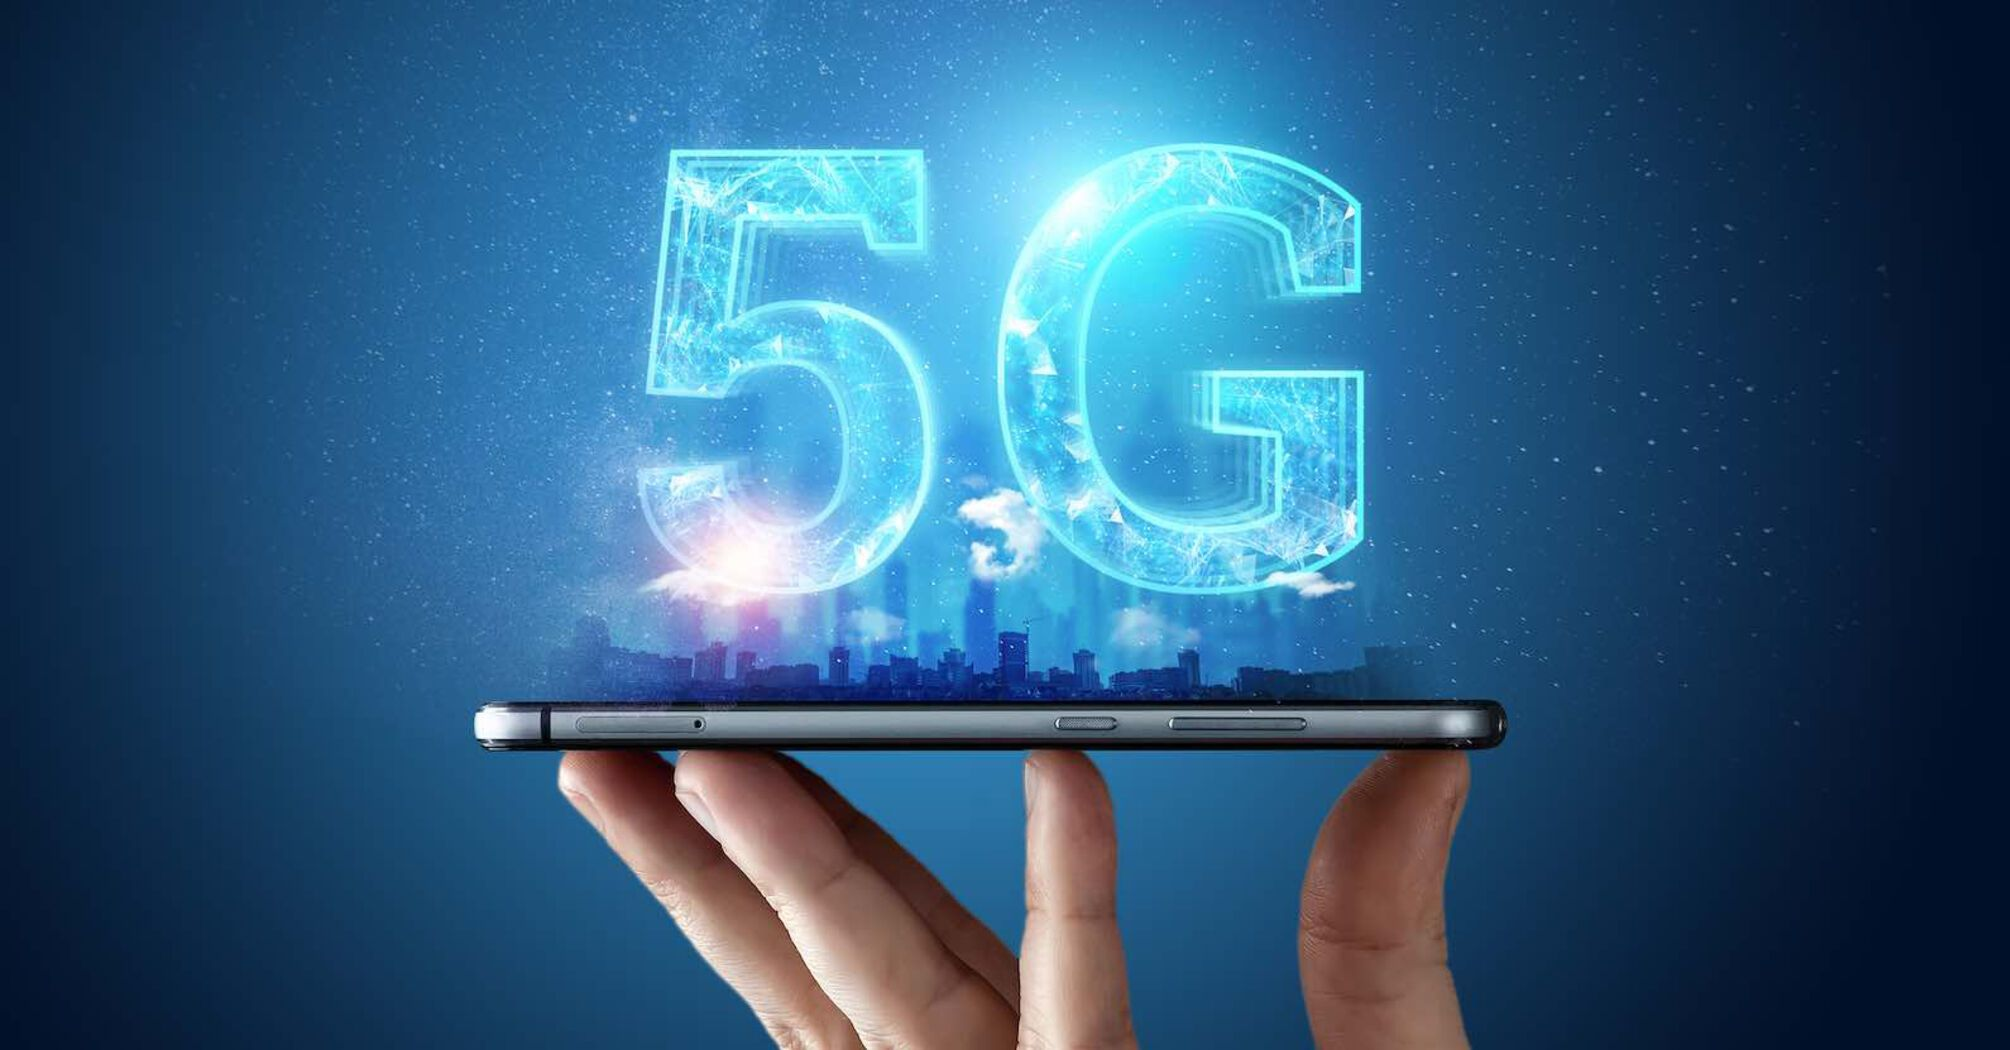 Мобильные операторы рассказали, когда запустят 5G в Украине